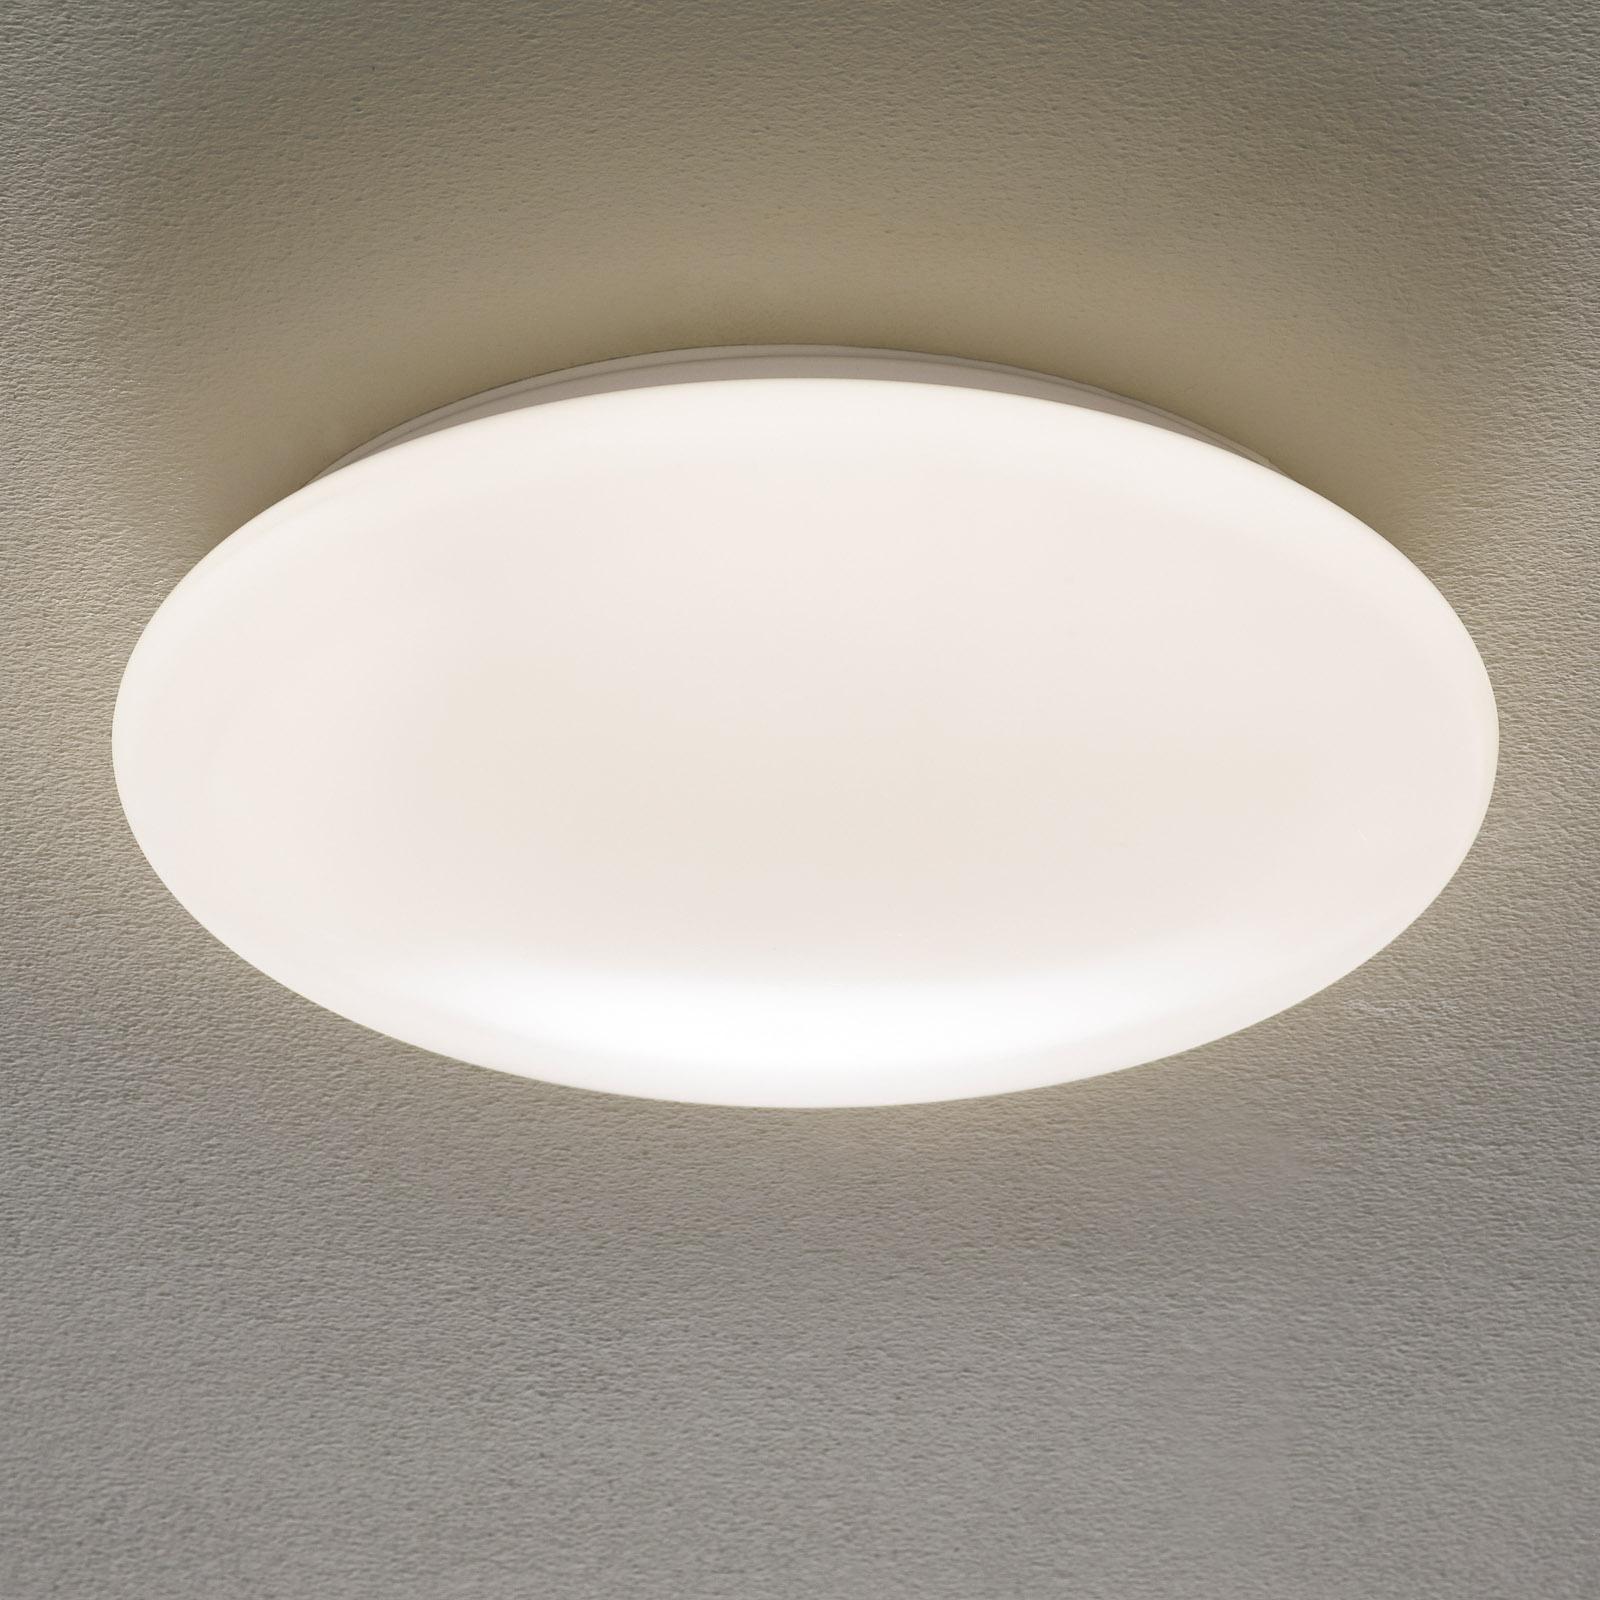 Altona MN3 LED-taklampe, universalhvit Ø 32,8 cm